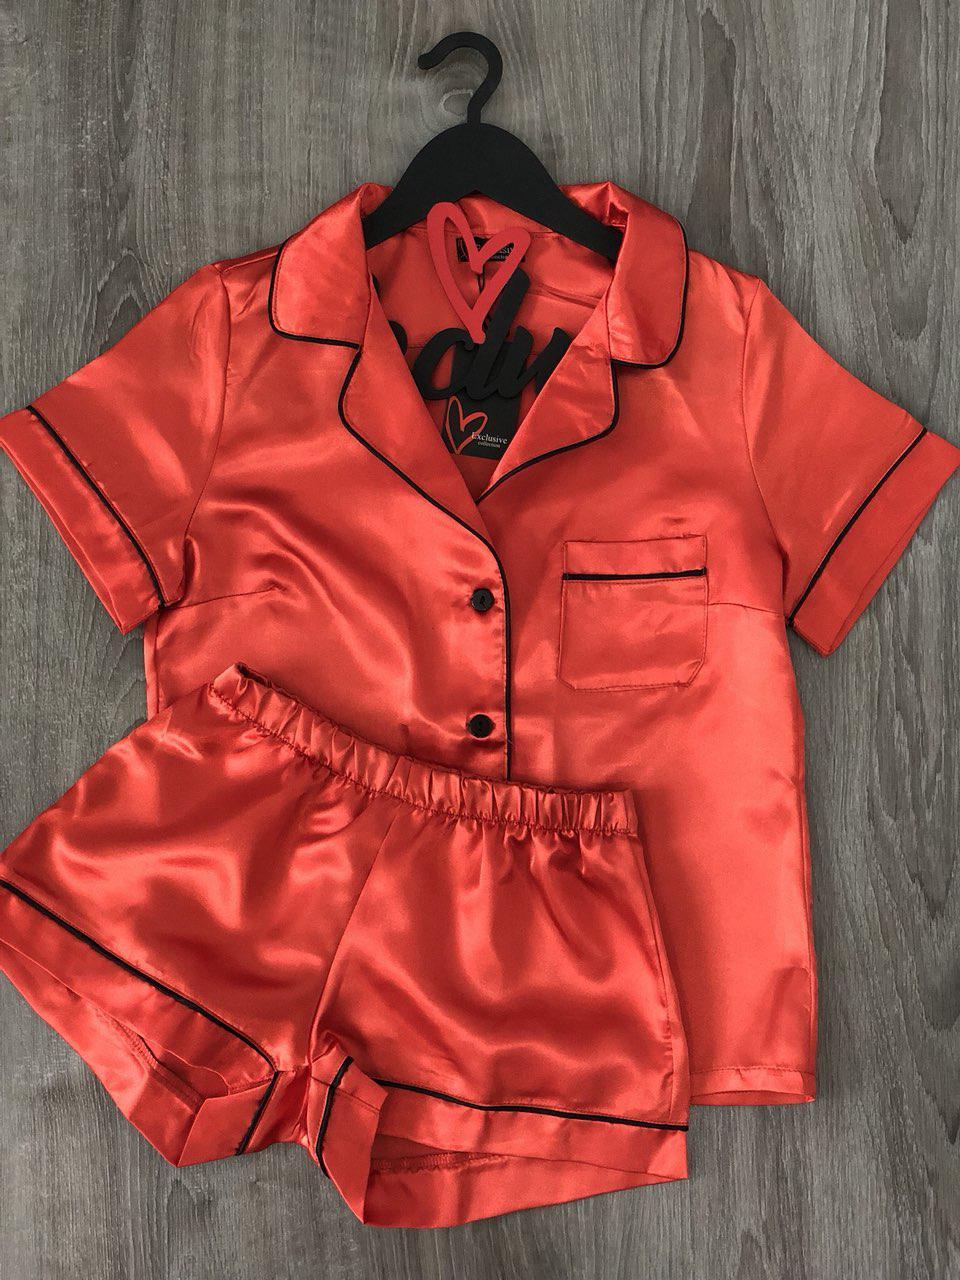 Комплект шорты и майка из атласа, домашняя одежда